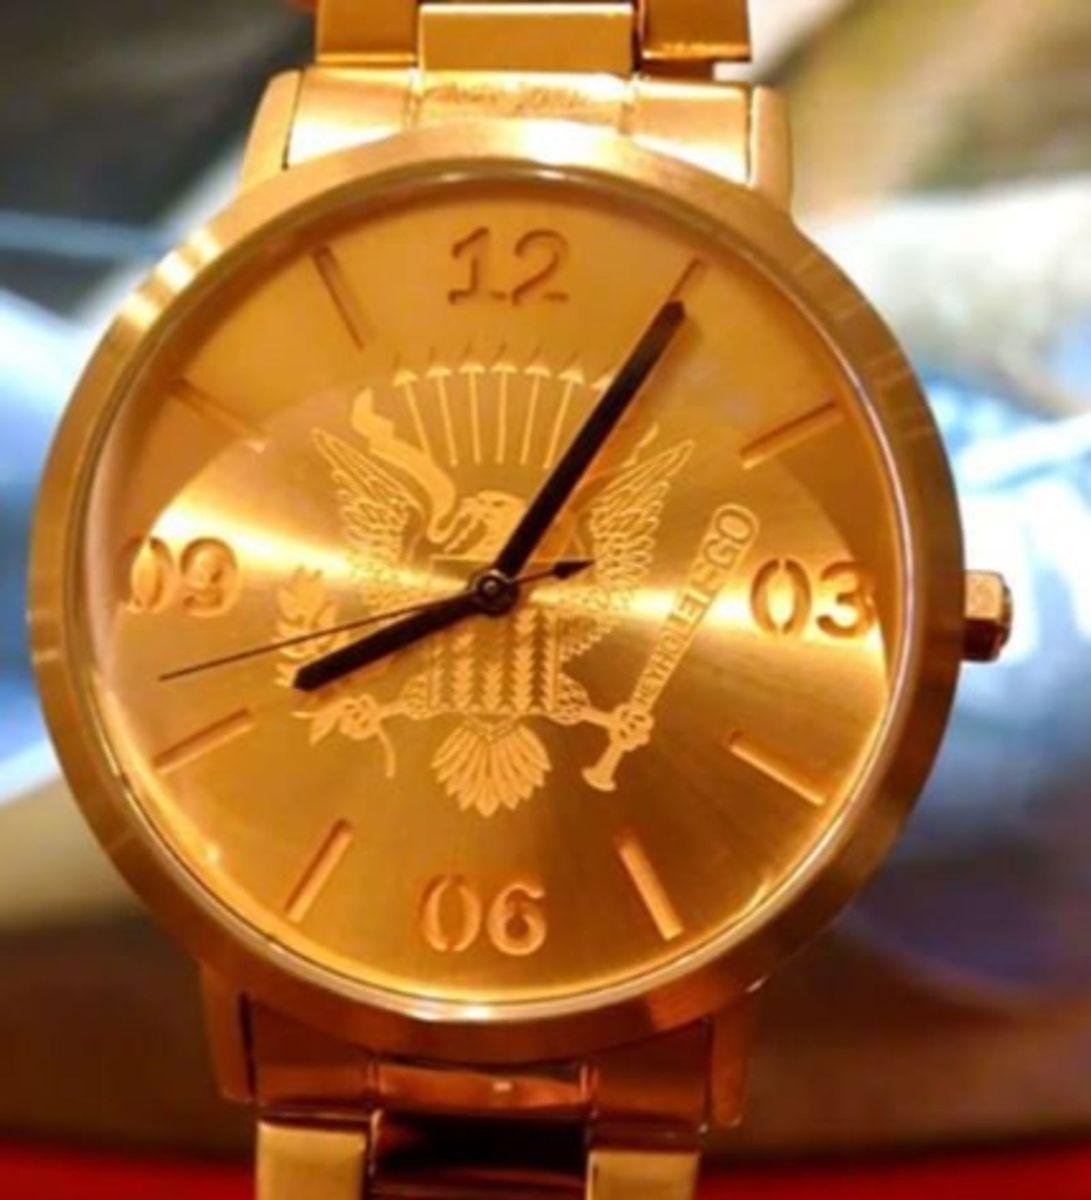 3ee4198cc87 relógio ramones - relógios chilli beans.  Czm6ly9wag90b3muzw5qb2vplmnvbs5ici9wcm9kdwn0cy82odq4nzi1l2mzyzrkntizn2ixotq2nda0nzq1ode0mzyxzdnmnty4lmpwzw  ...